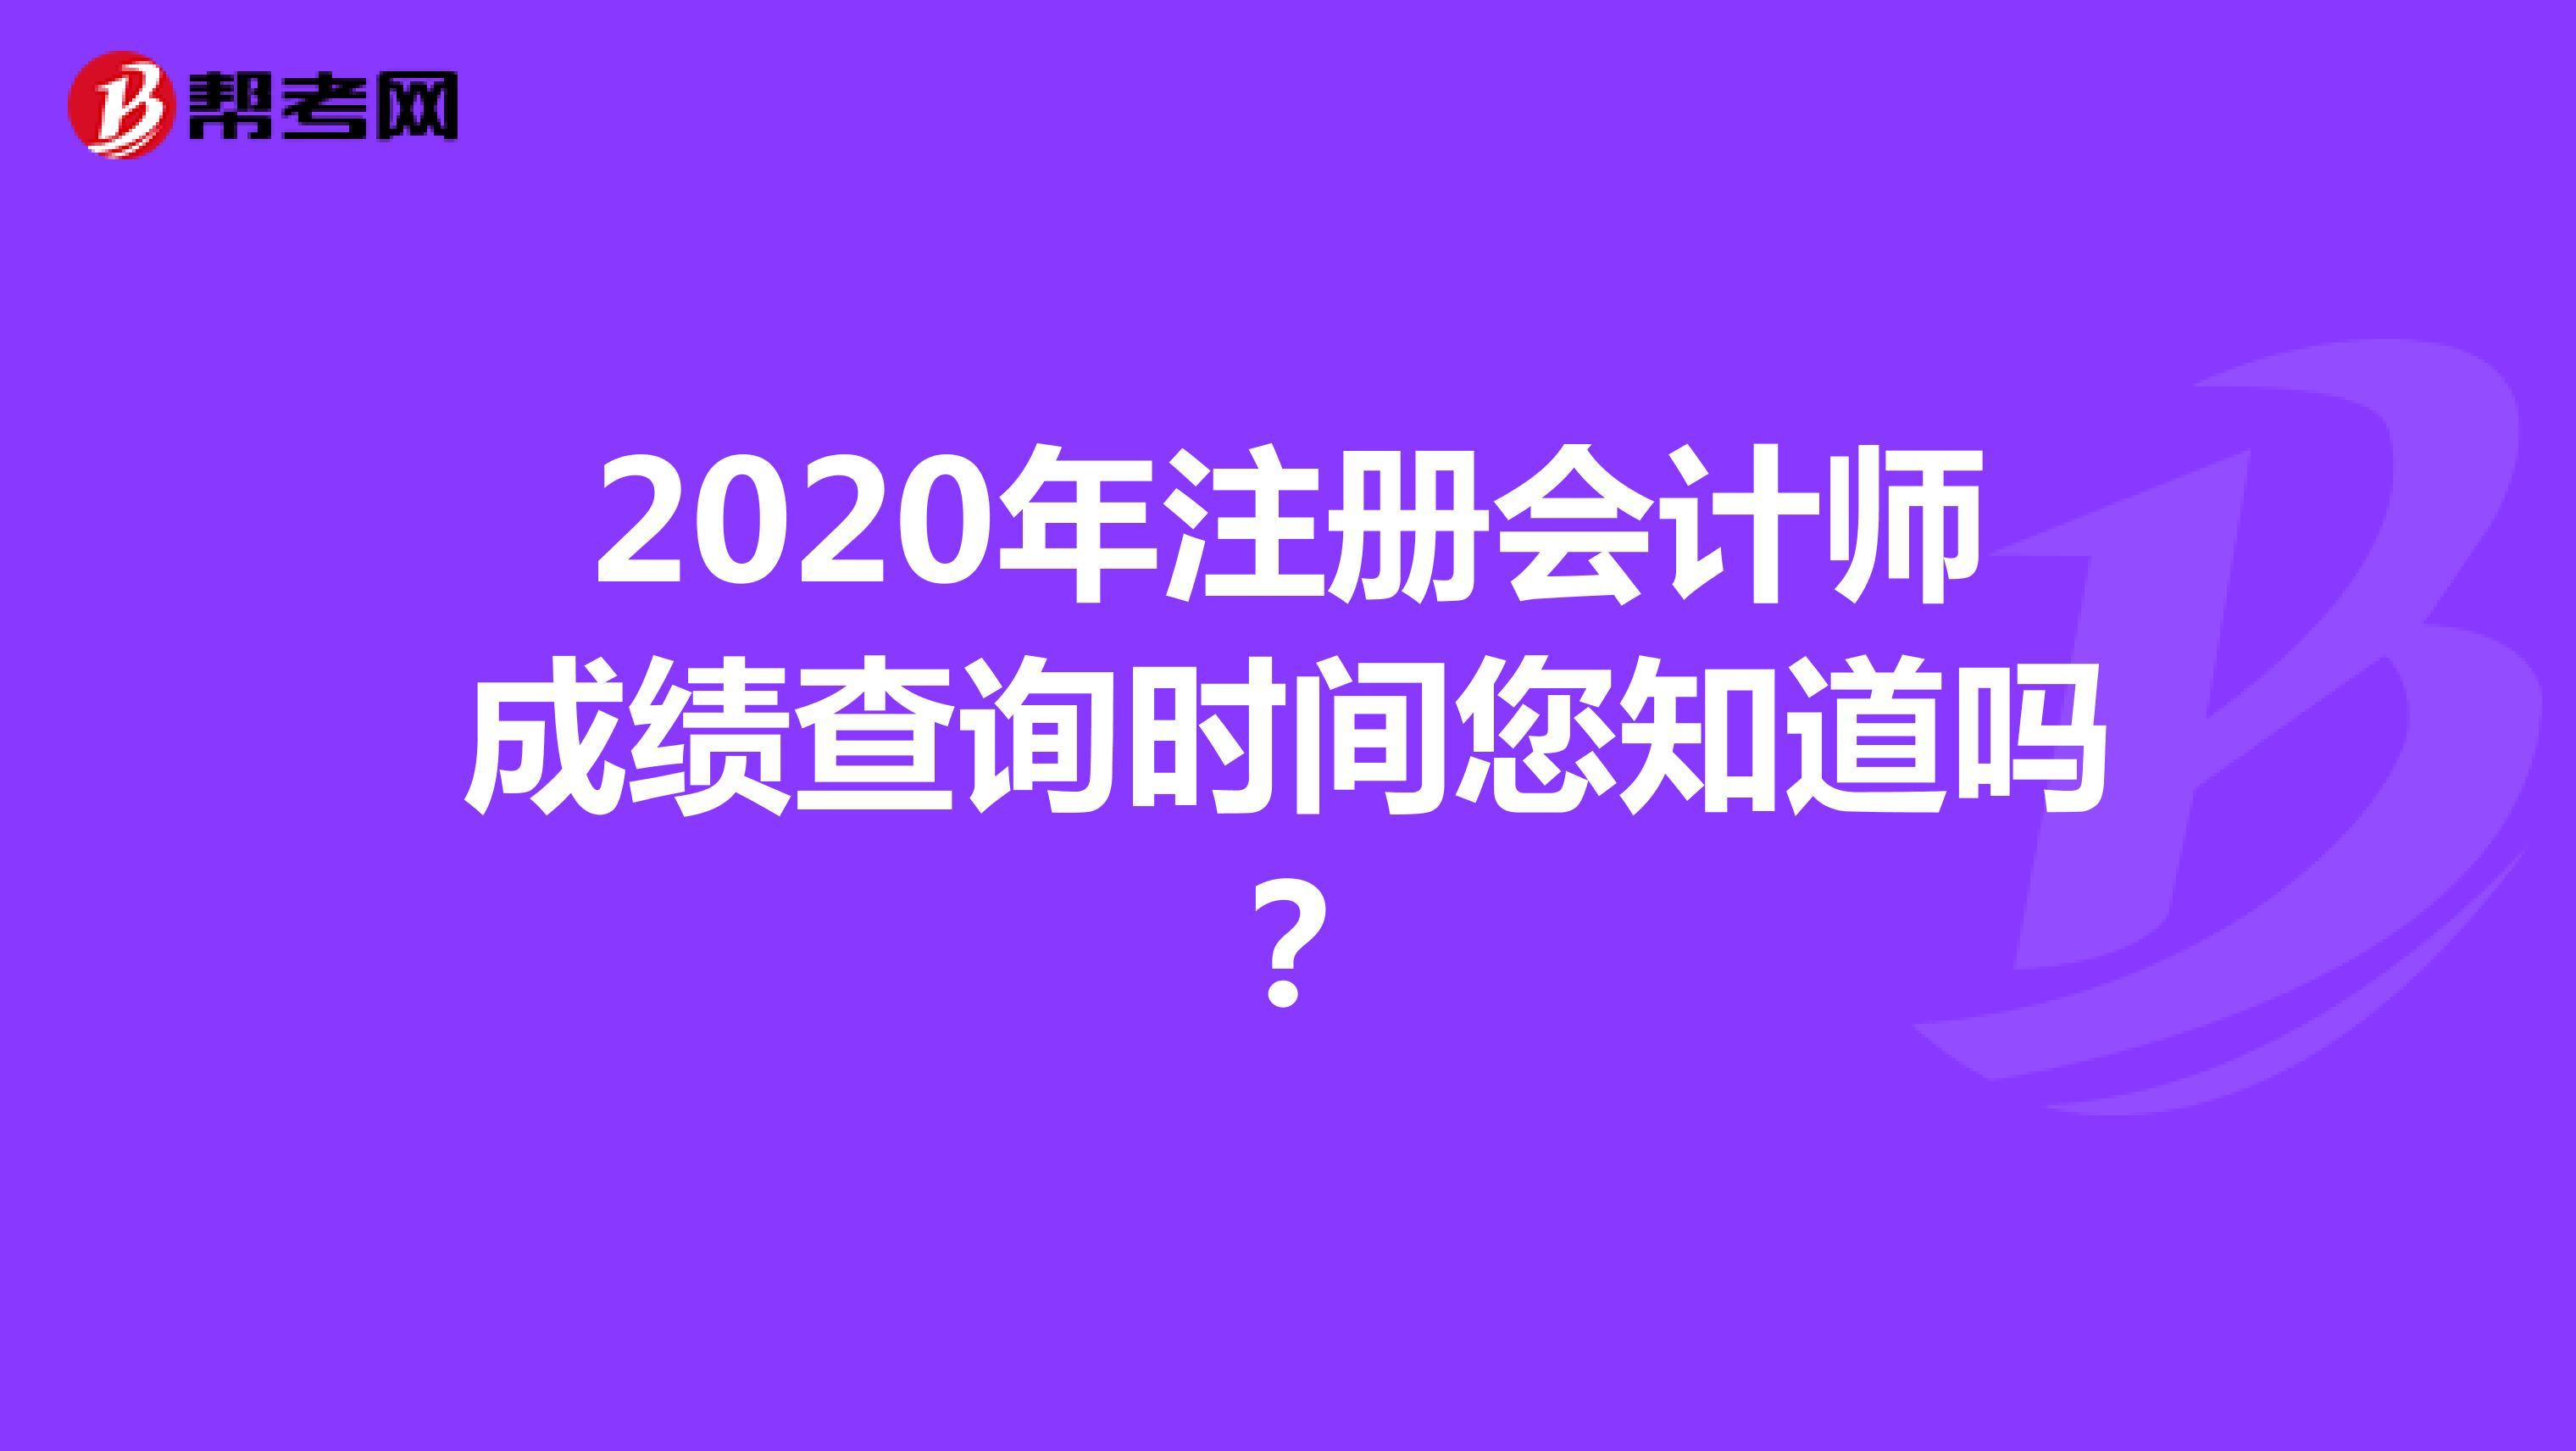 2020年注册会计师成绩查询时间您知道吗?